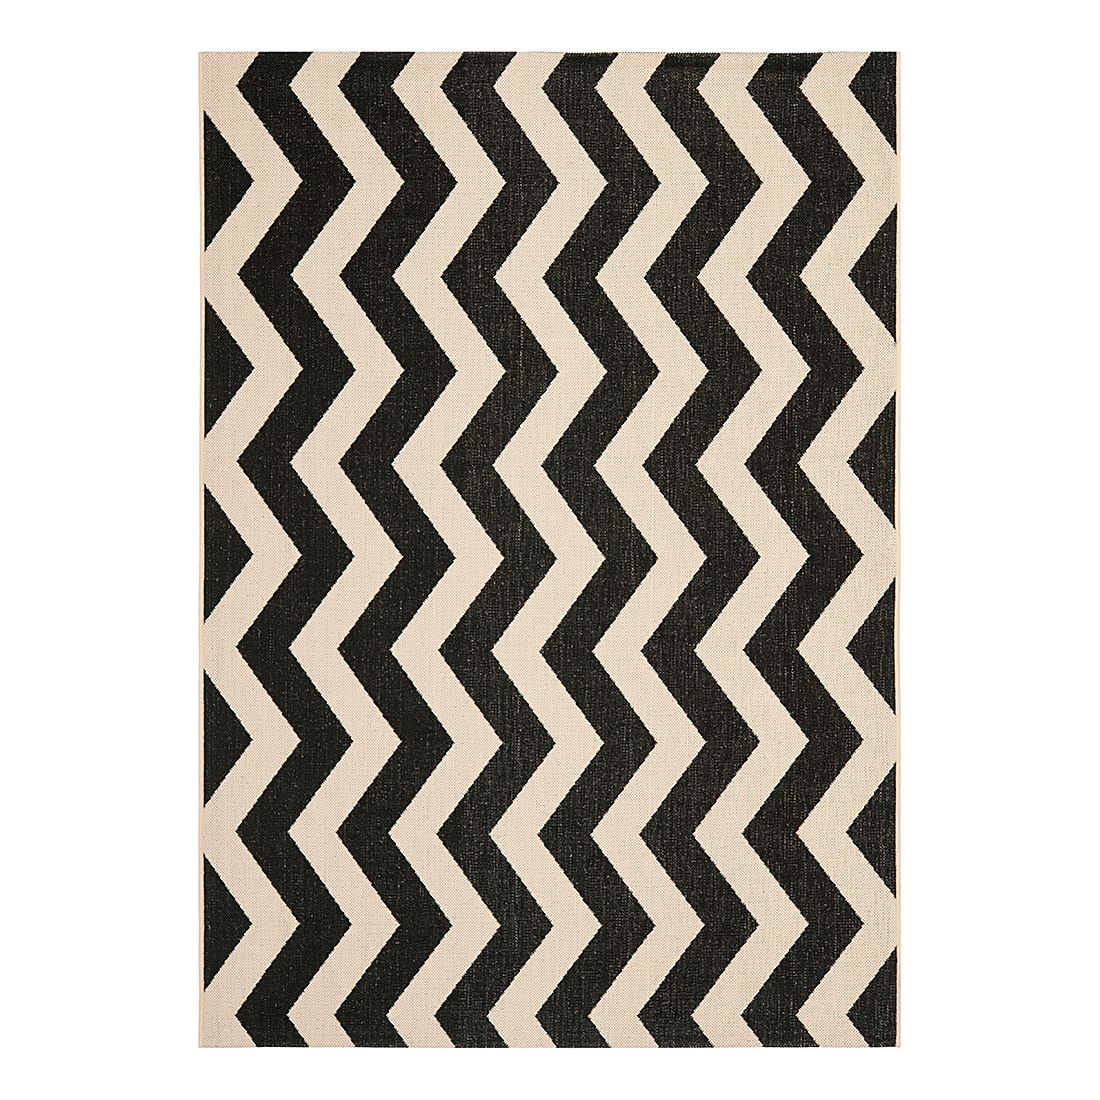 In-/Outdoorteppich Amalfi – Schwarz/Beige – Maße: 160 x 231 cm, Safavieh online kaufen